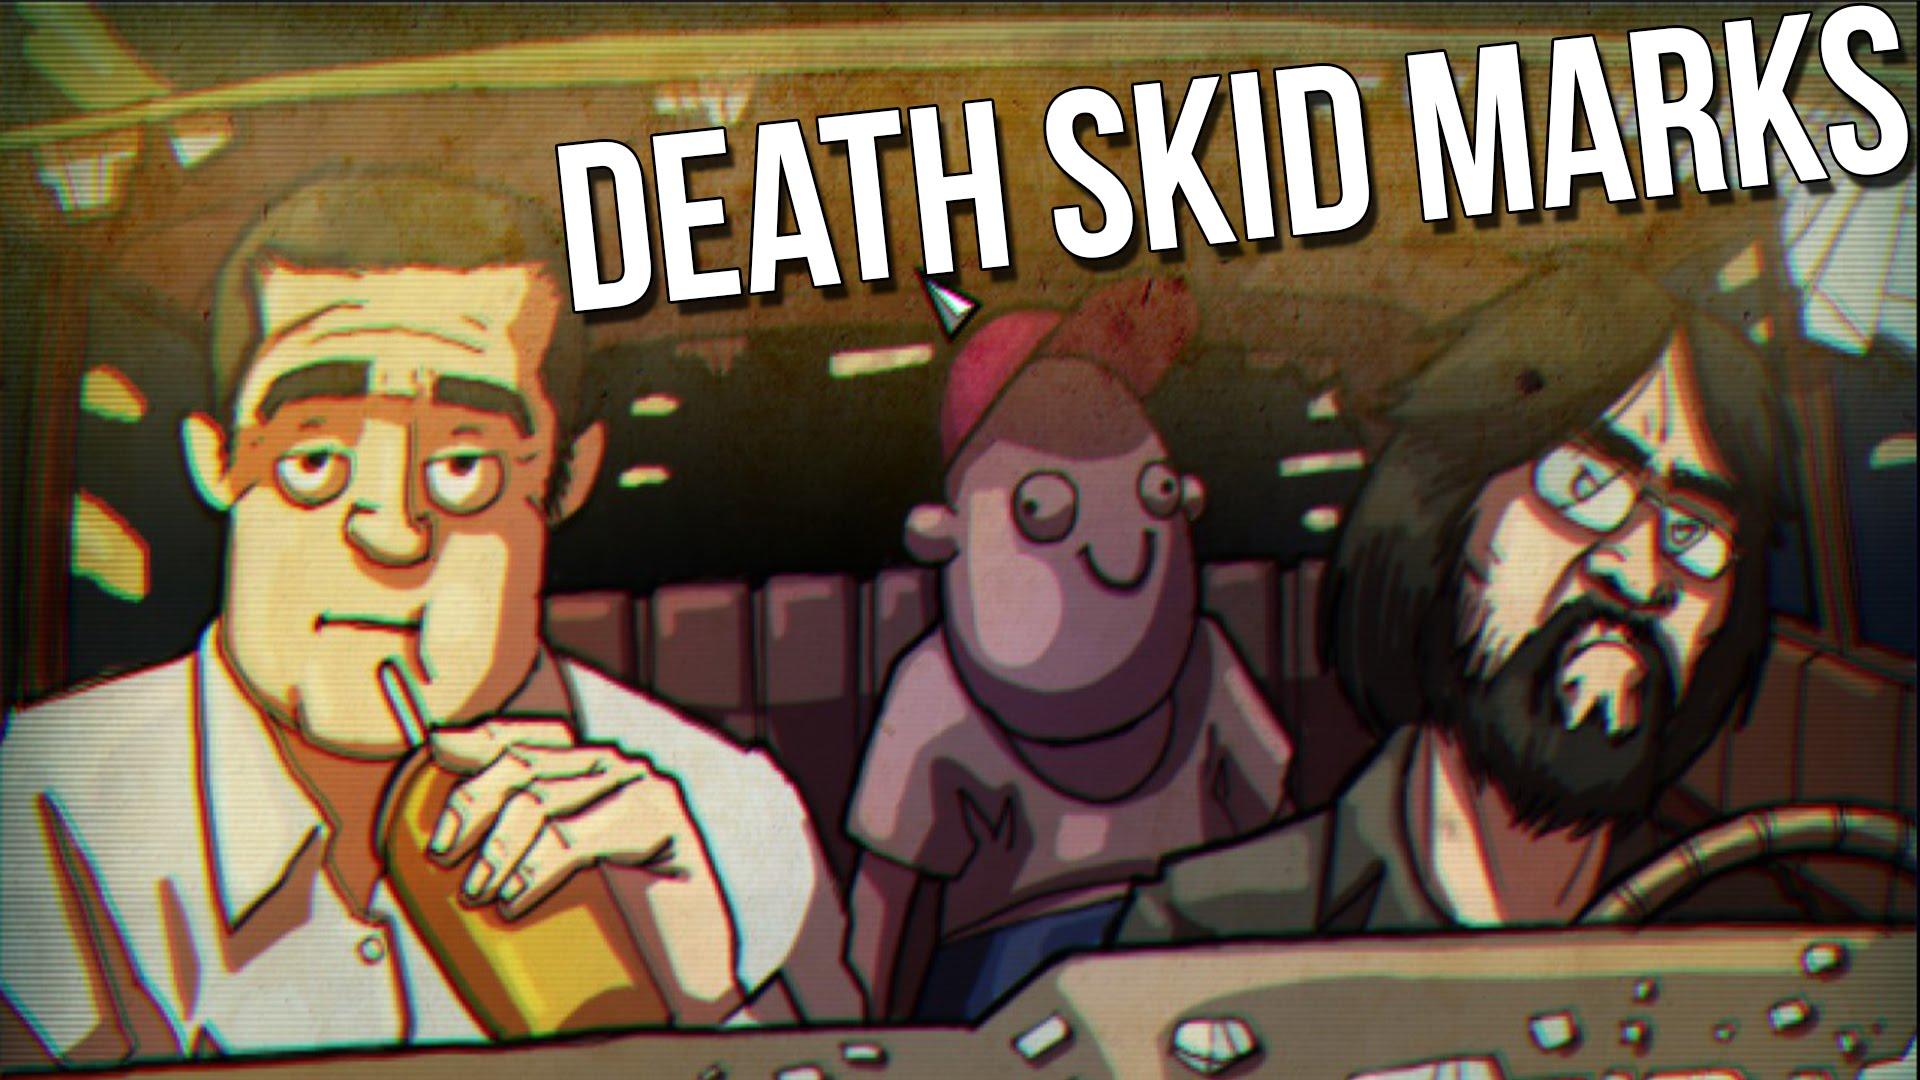 Случайные обзоры 29 апреля сити-вок семеновская жар пицца волгоград клинское Death Skid Marks артбук Fallout 4 игры еда отвратительные мужики